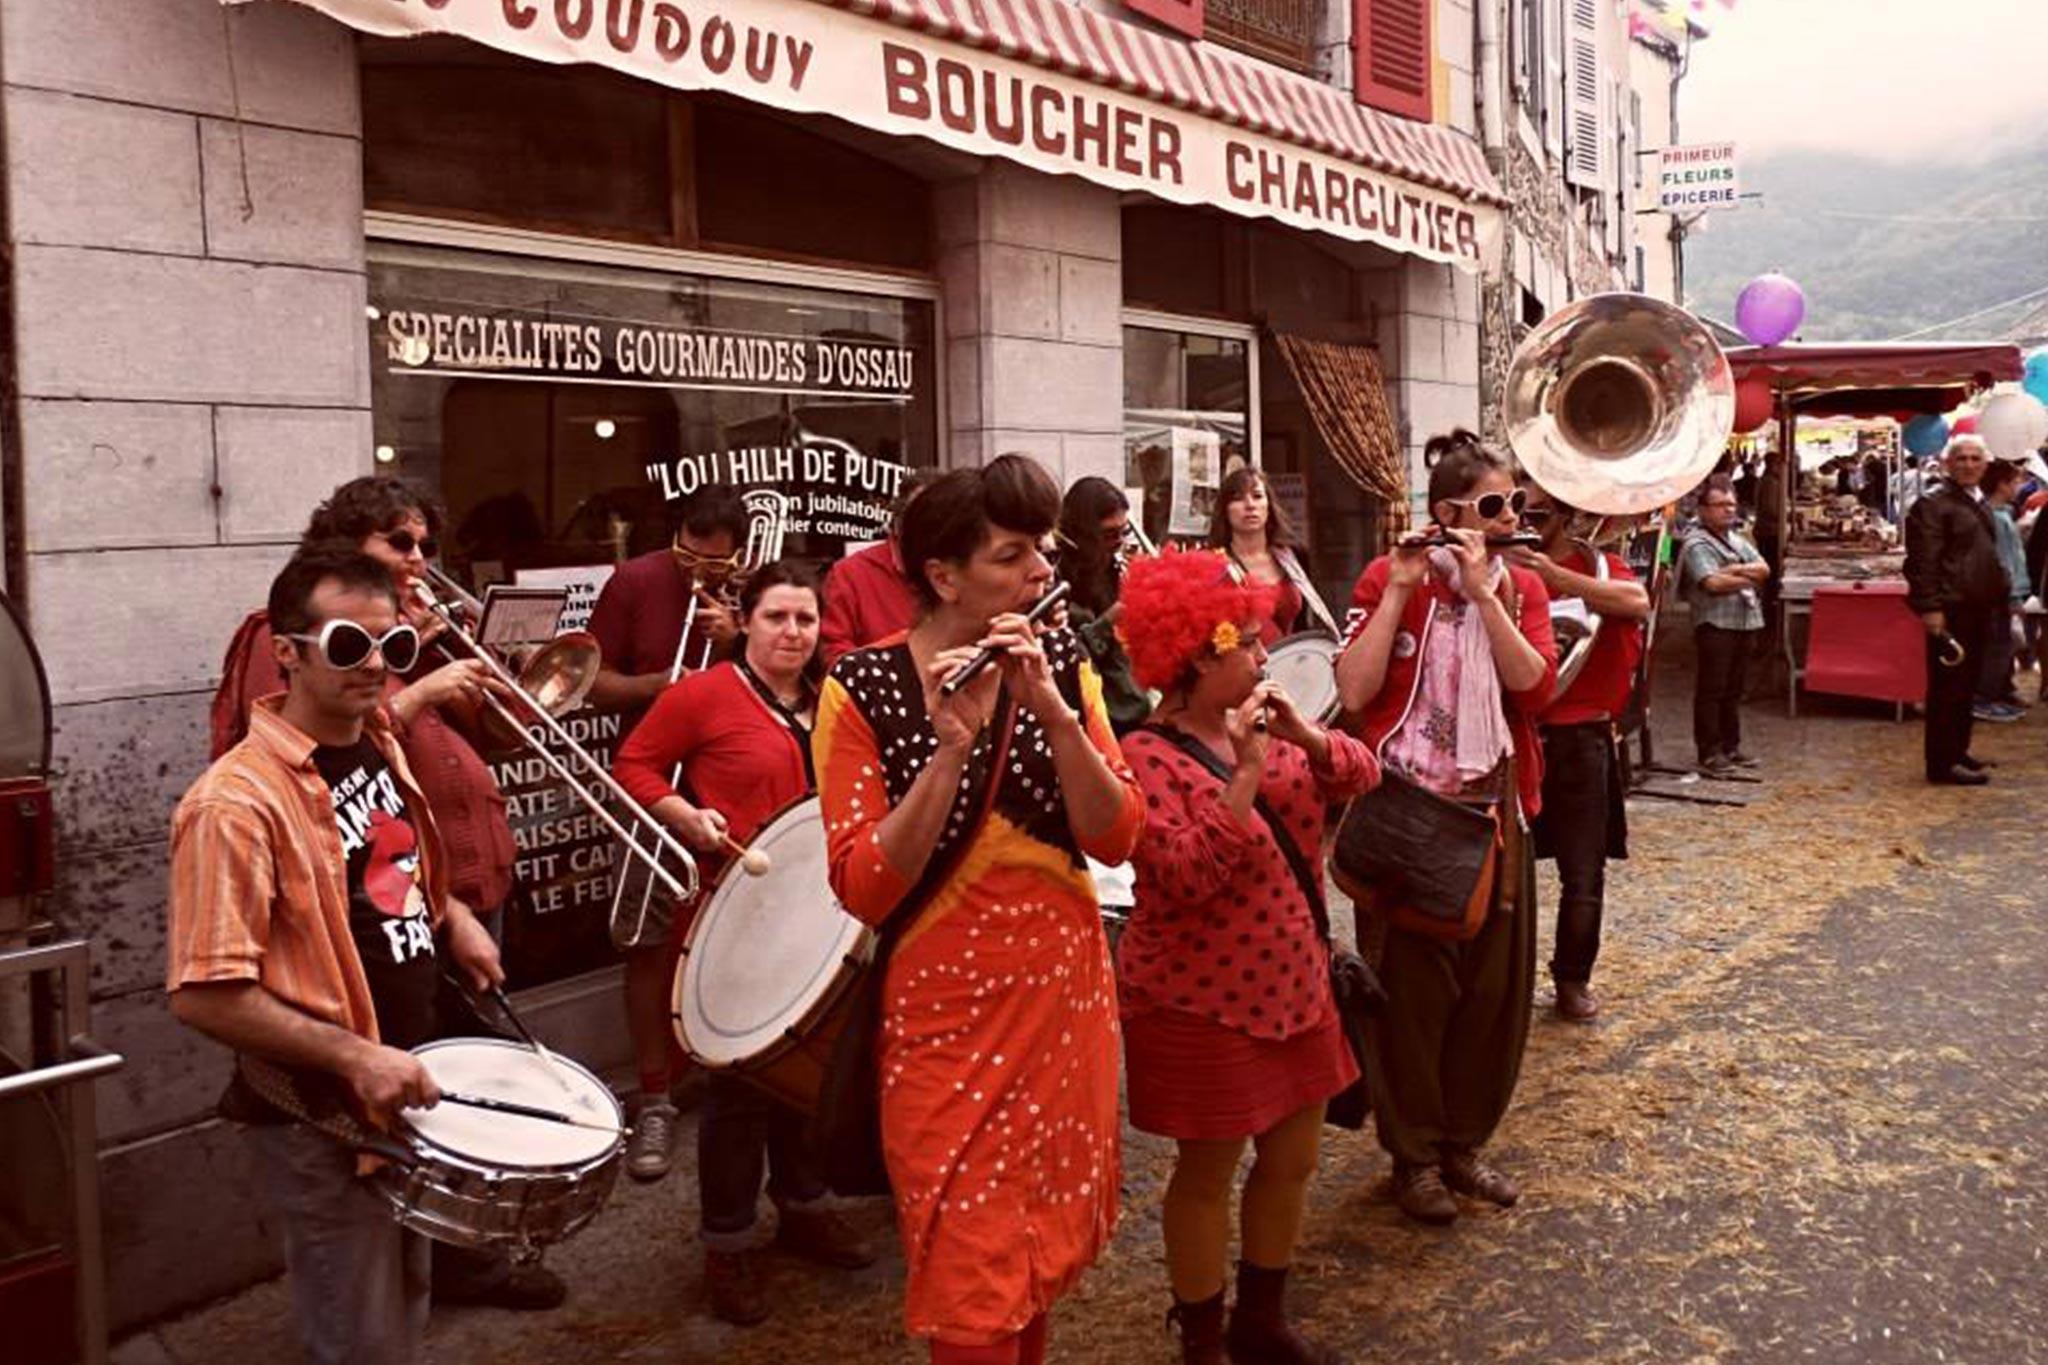 [Ripataoulère swing] Le groupe des Sous-Fifres, fruit de plus de 20 ans de transmission, réunit une quinzaine de musiciens avertis…  La Ripataoulère swing des Sous-Fifres - composée de fifres, percussions, trombones, tubas, saxophones… - intervient de nombreuses fois par an pour animer : carnavals, foires, marchés, festivals !